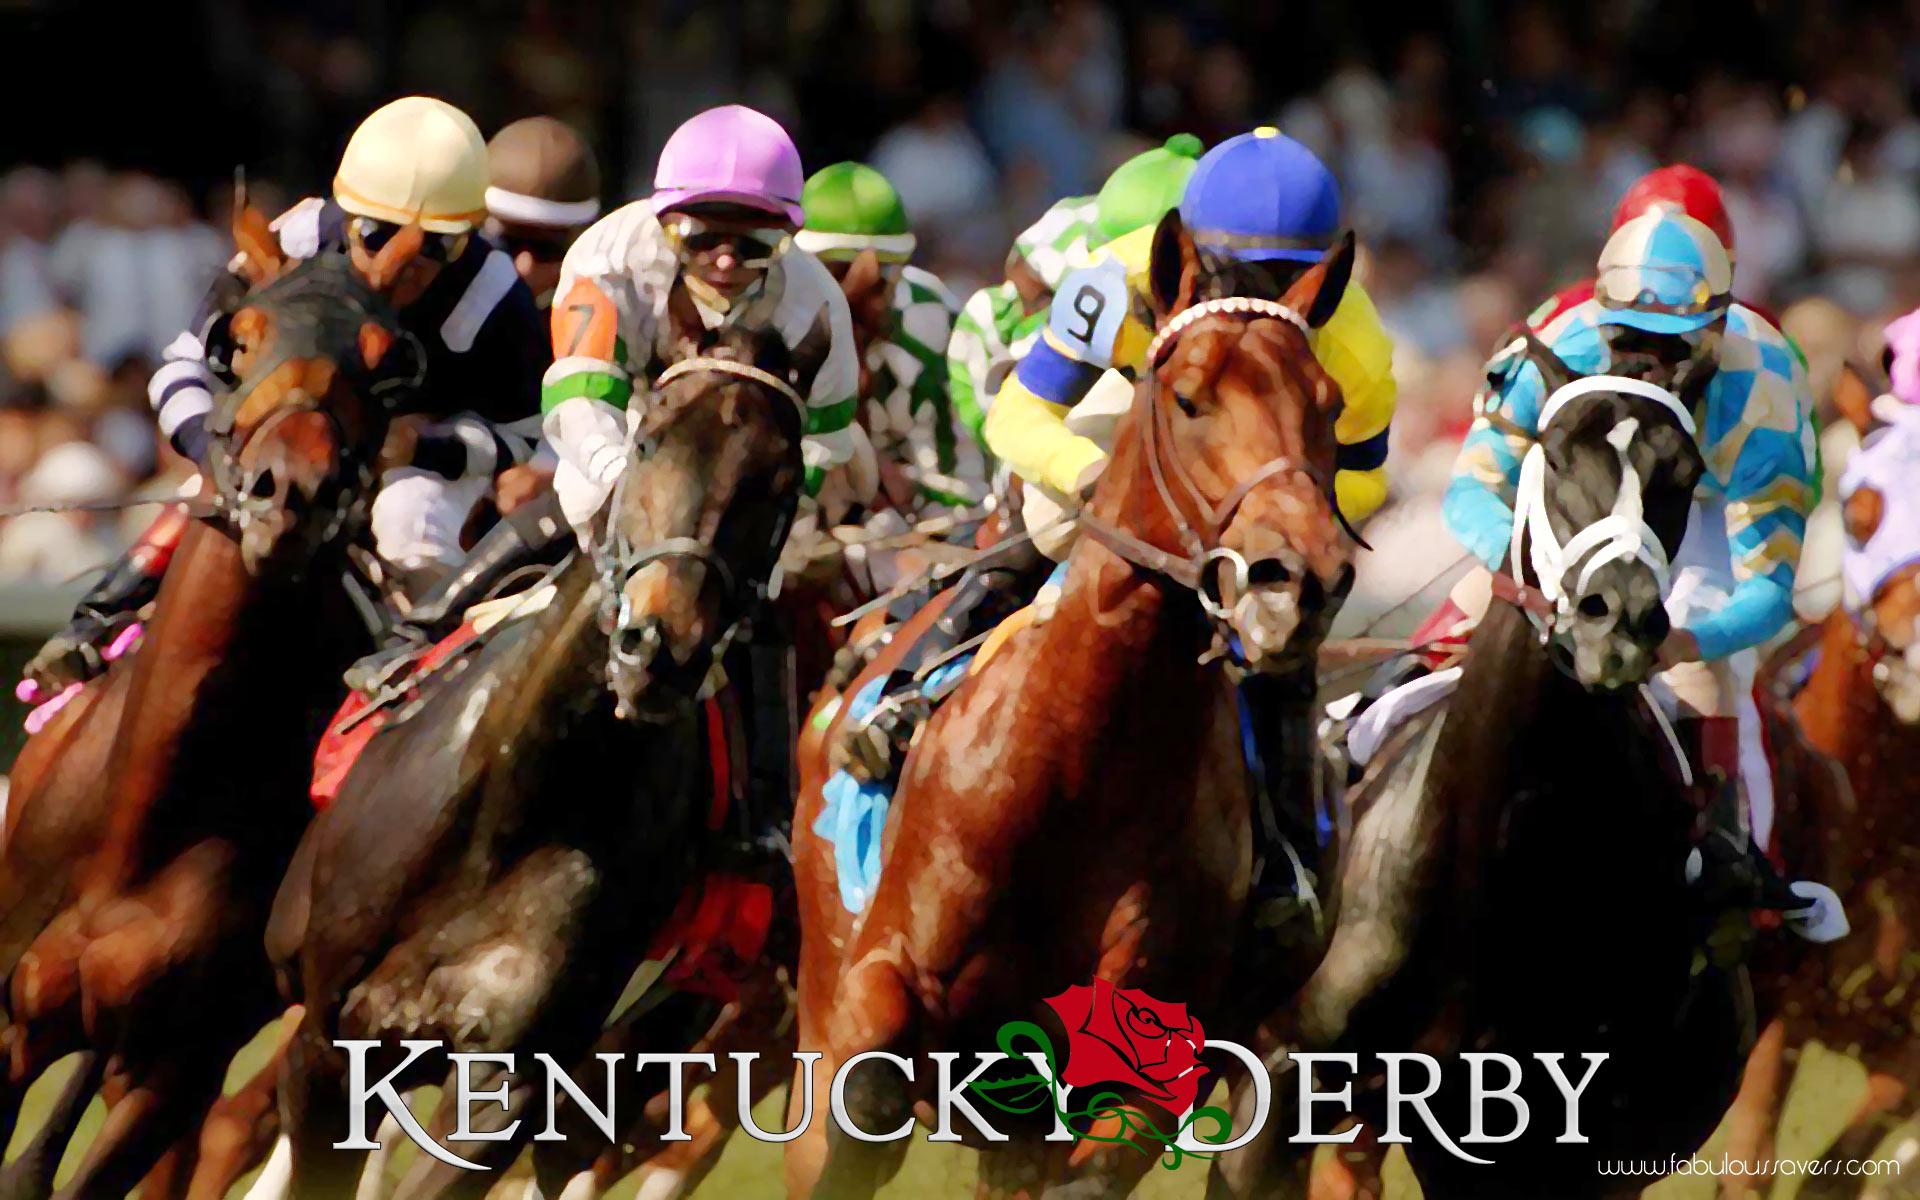 Pin Kentucky Derby Wallpaper 1920x1200